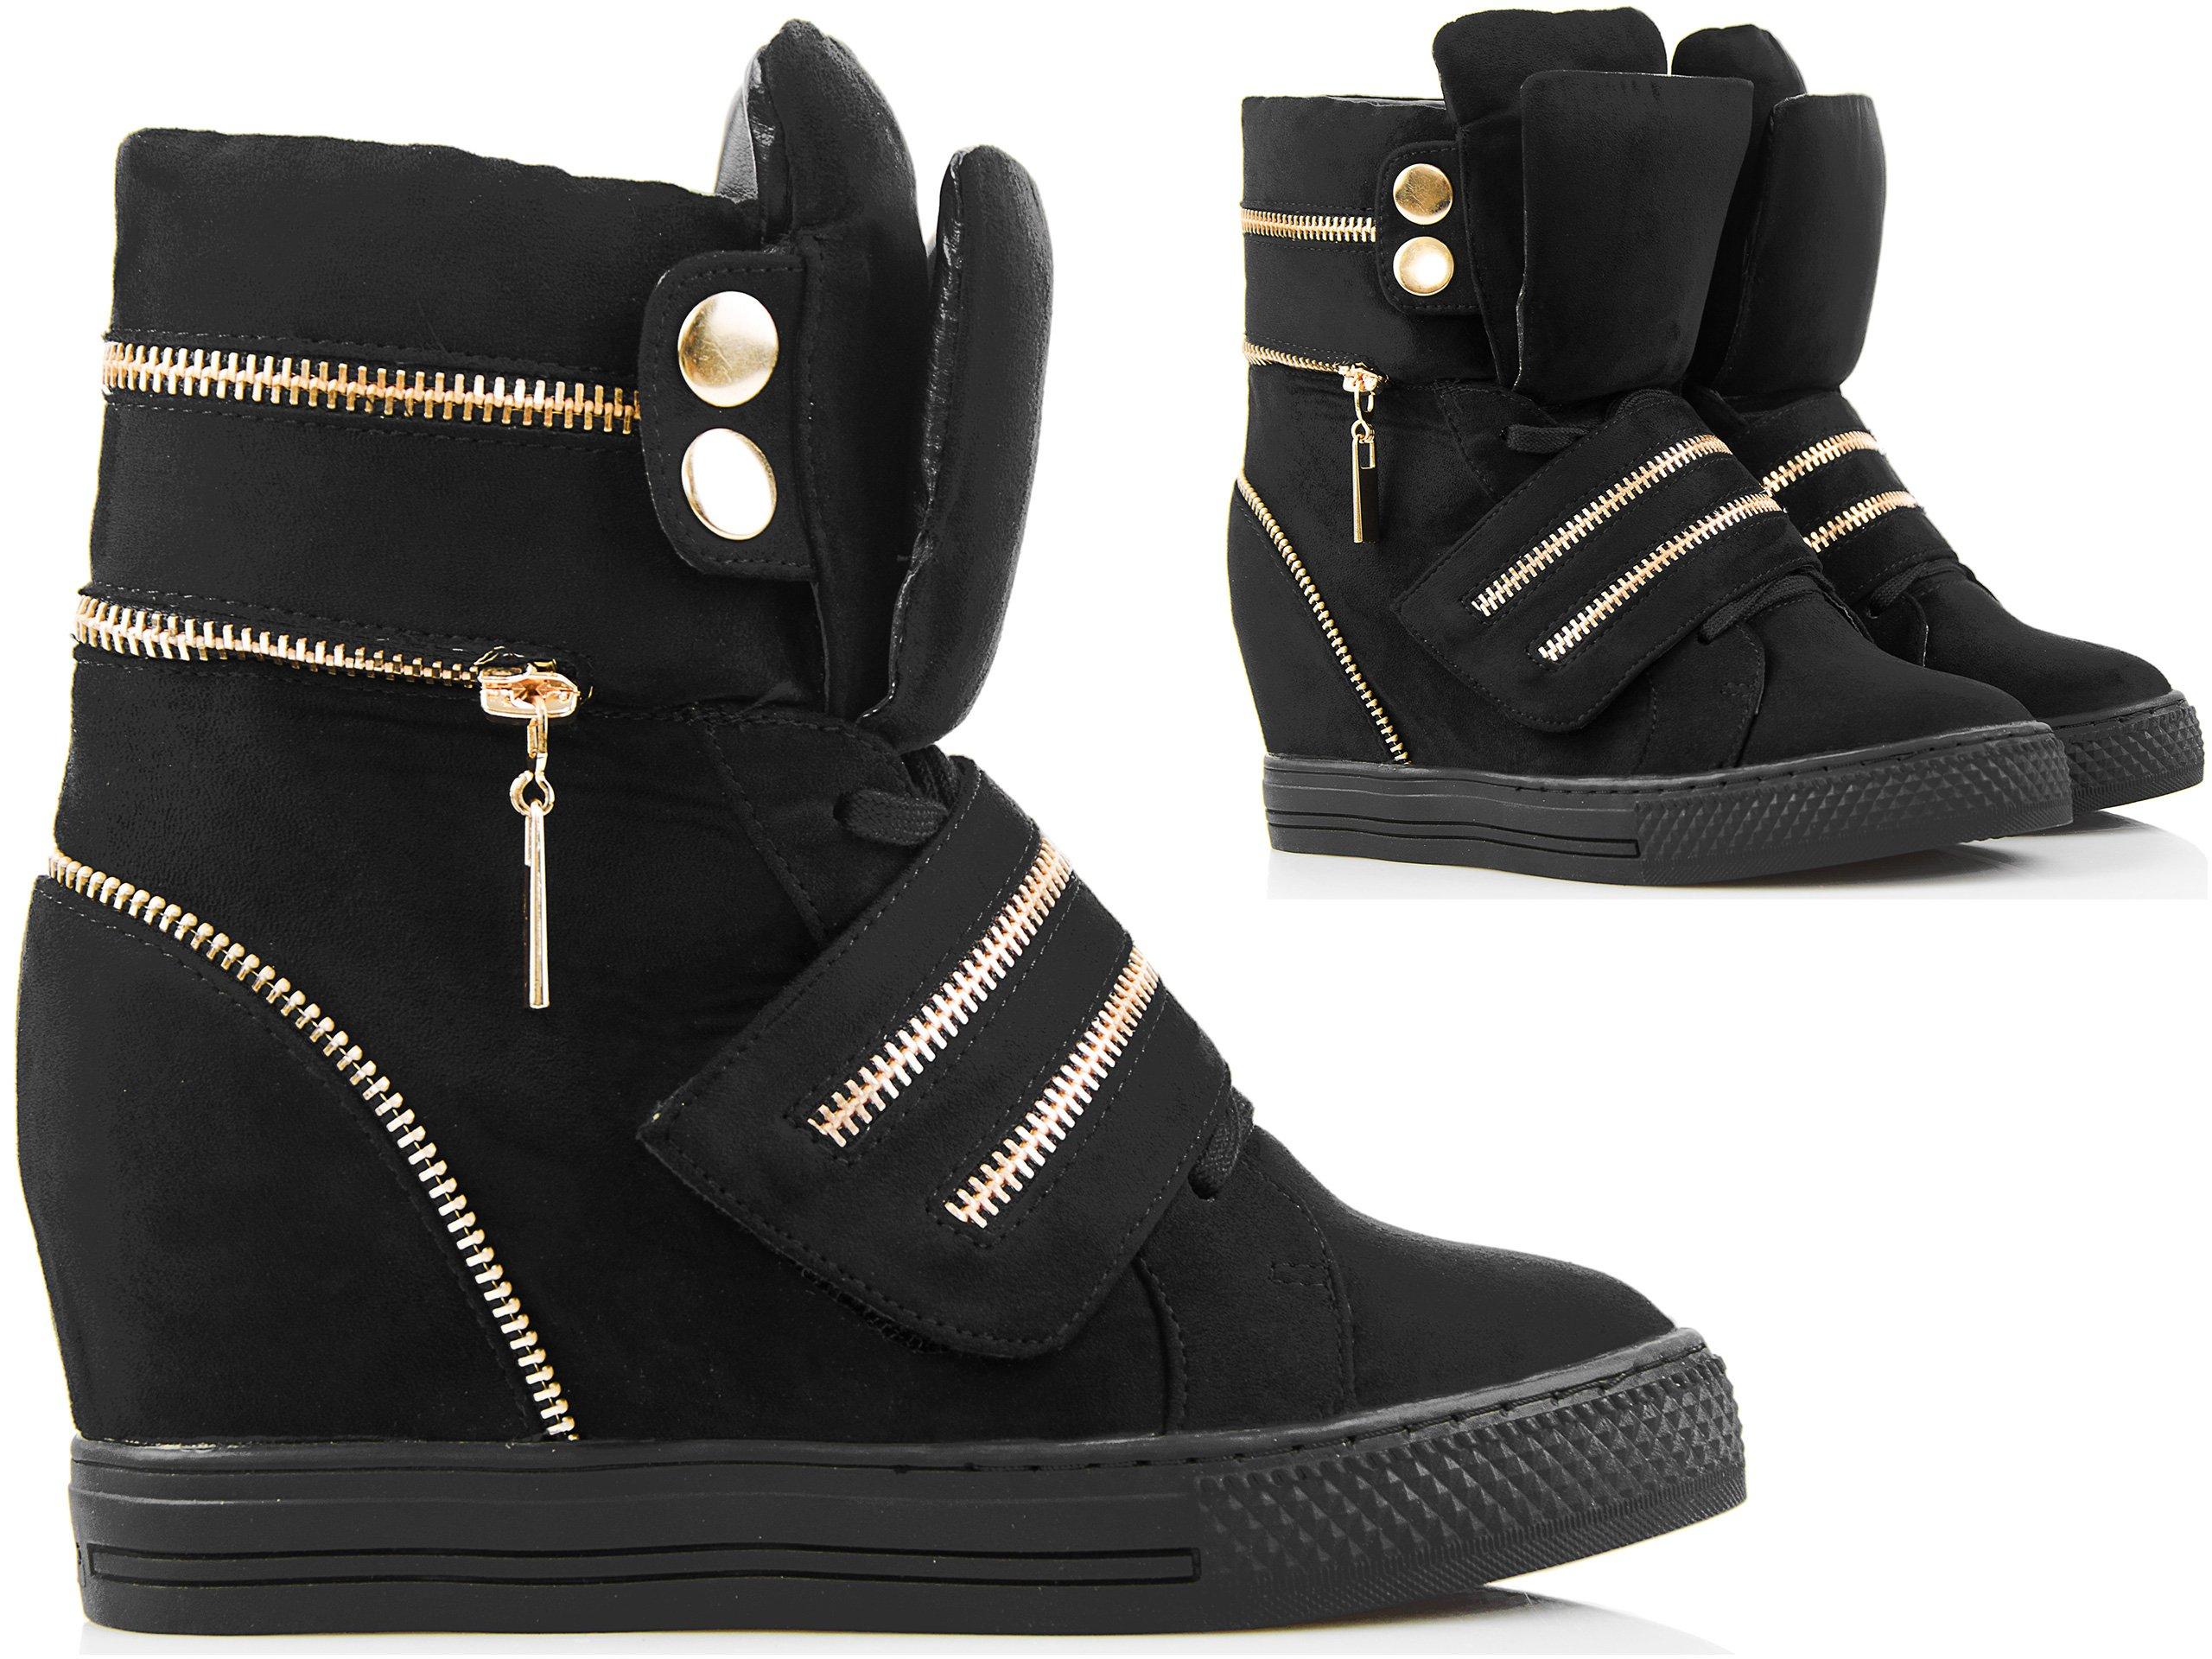 93a996cd65571d Czarne Sneakersy - Złote Zamki - Zamszowe Botki 40 - 7223846444 ...